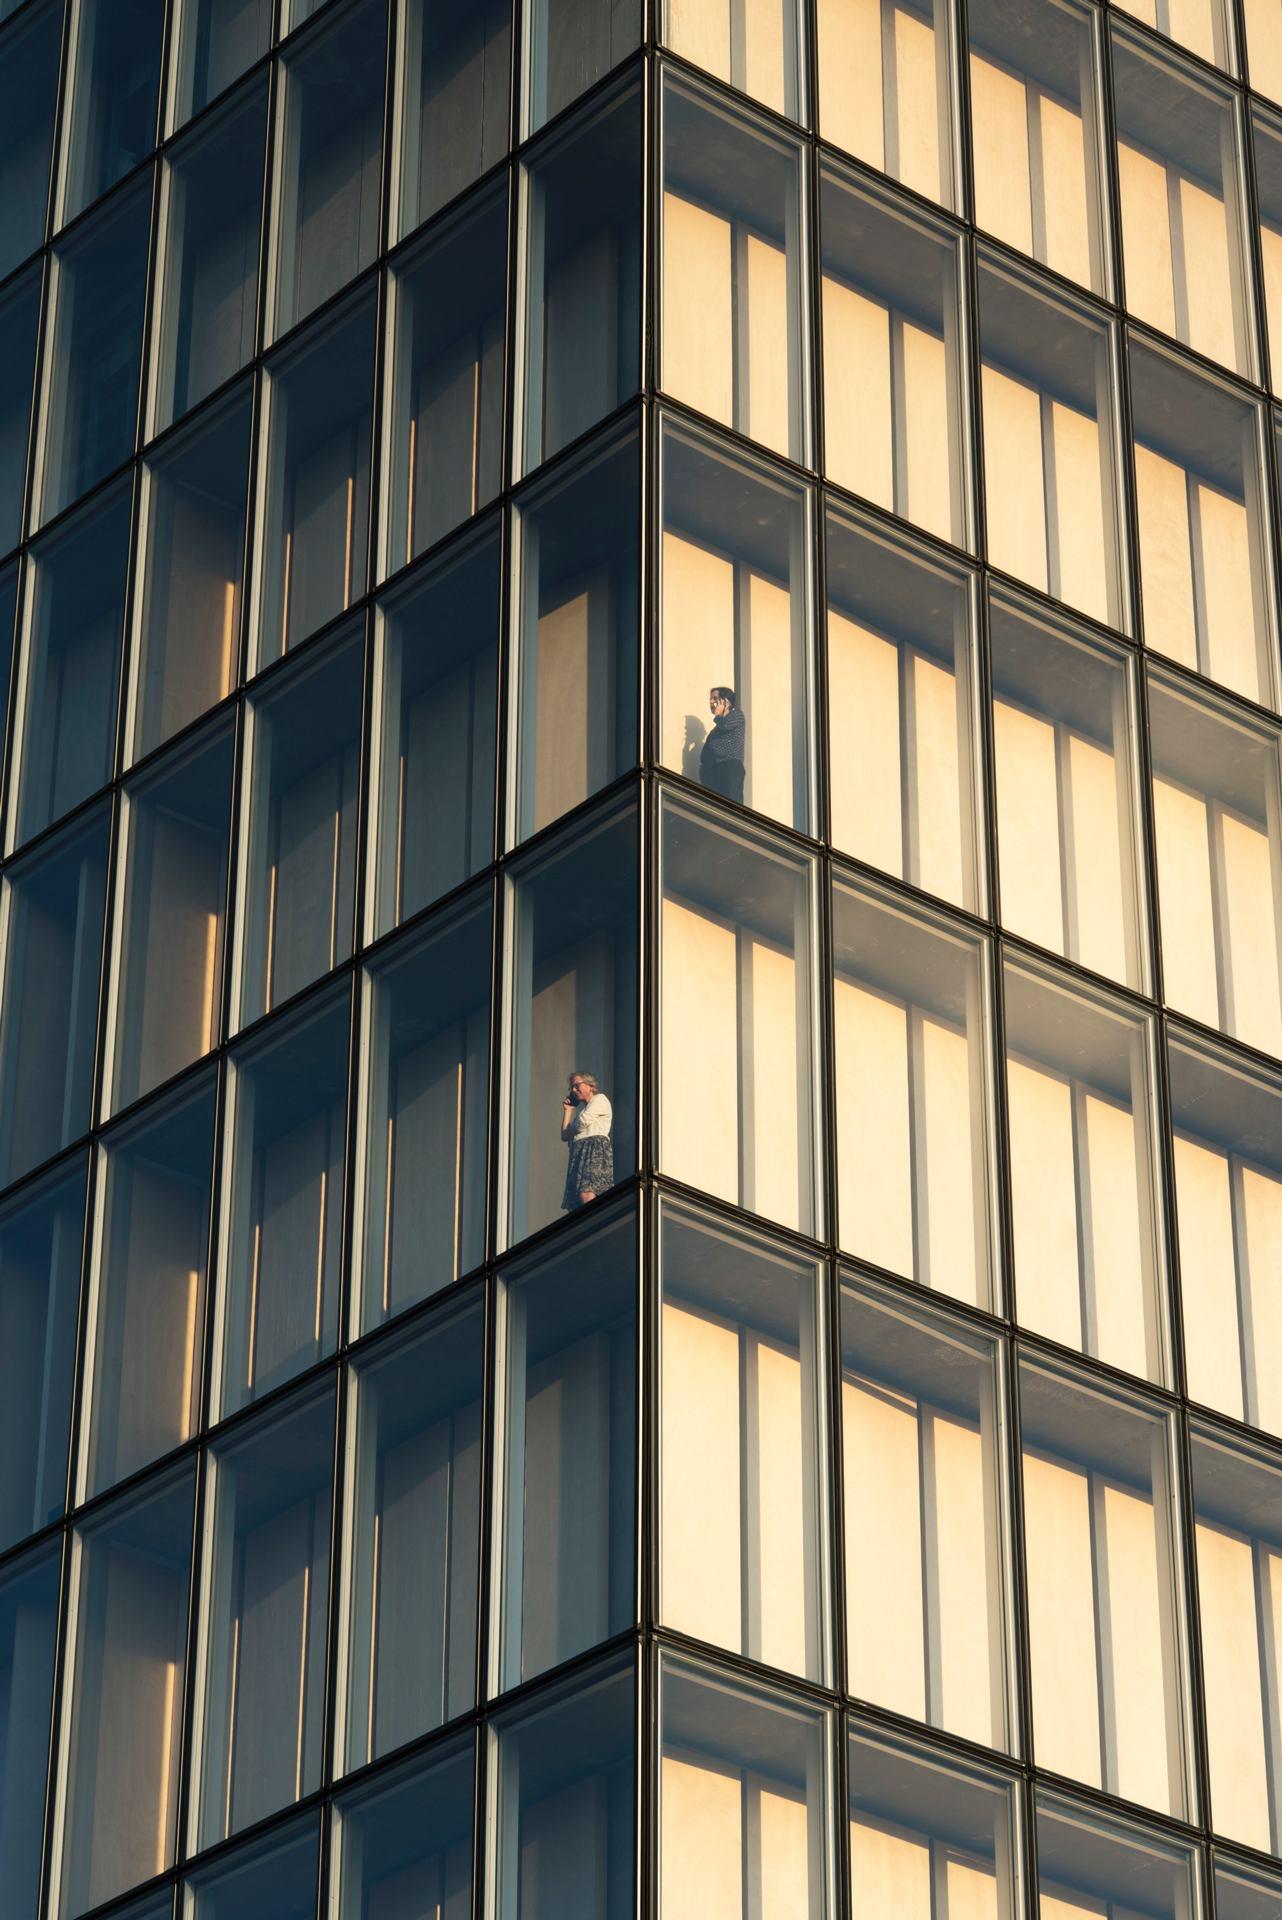 sans titre (reflexions), Bibliothèque François Mitterrand, Paris, 2019